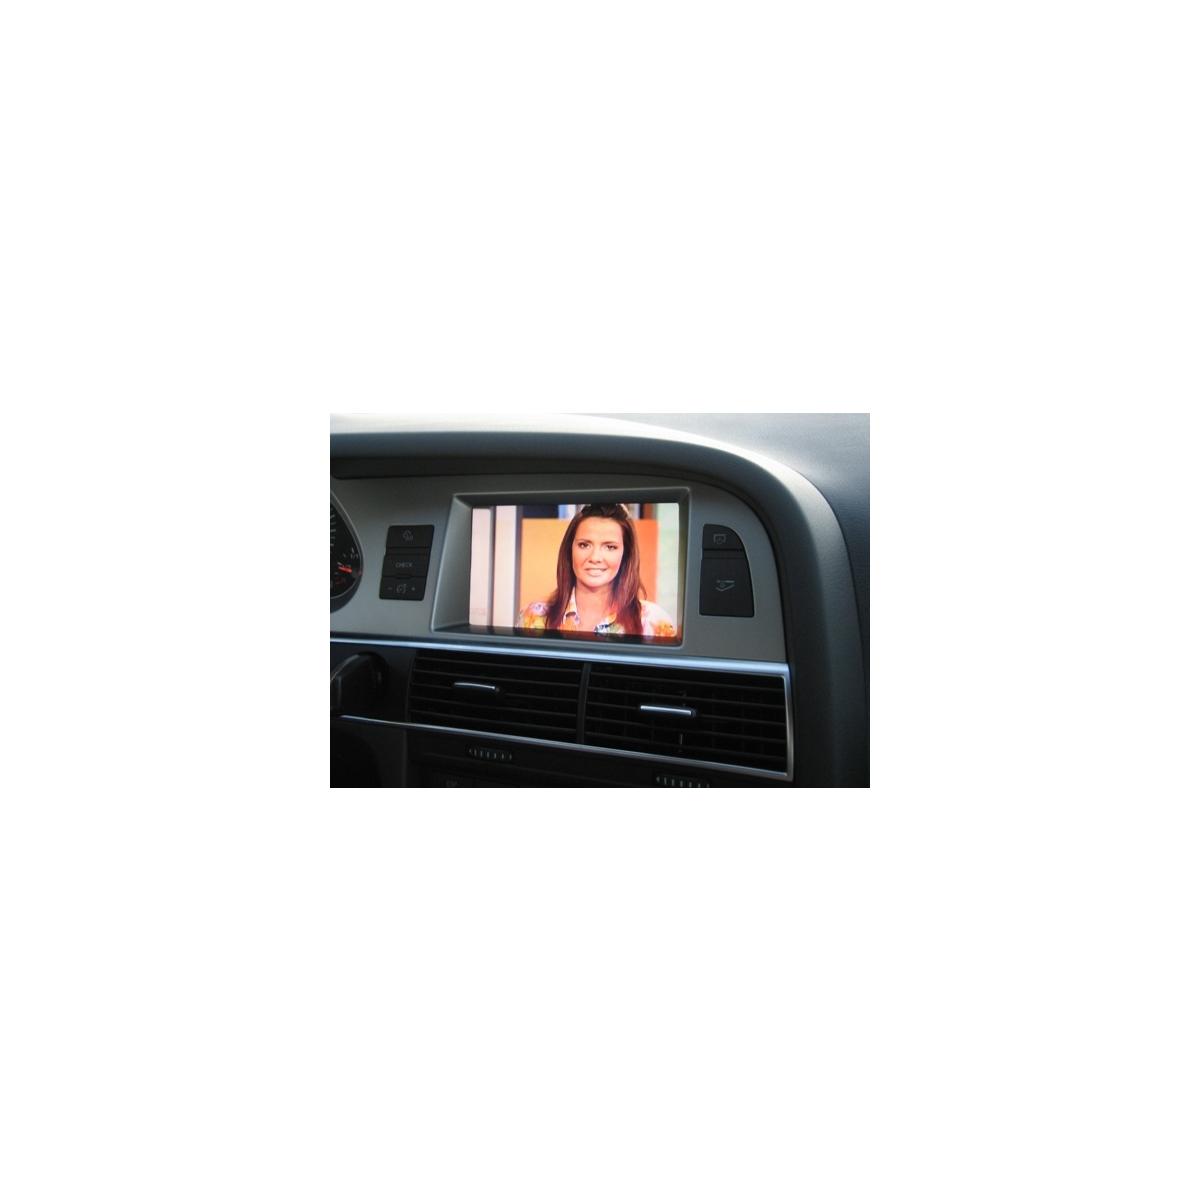 Tv Dvd Freischaltung Audi A4 A5 A6 A7 A8 Q5 Q7 Mit Mmi 2g 3g 35 00